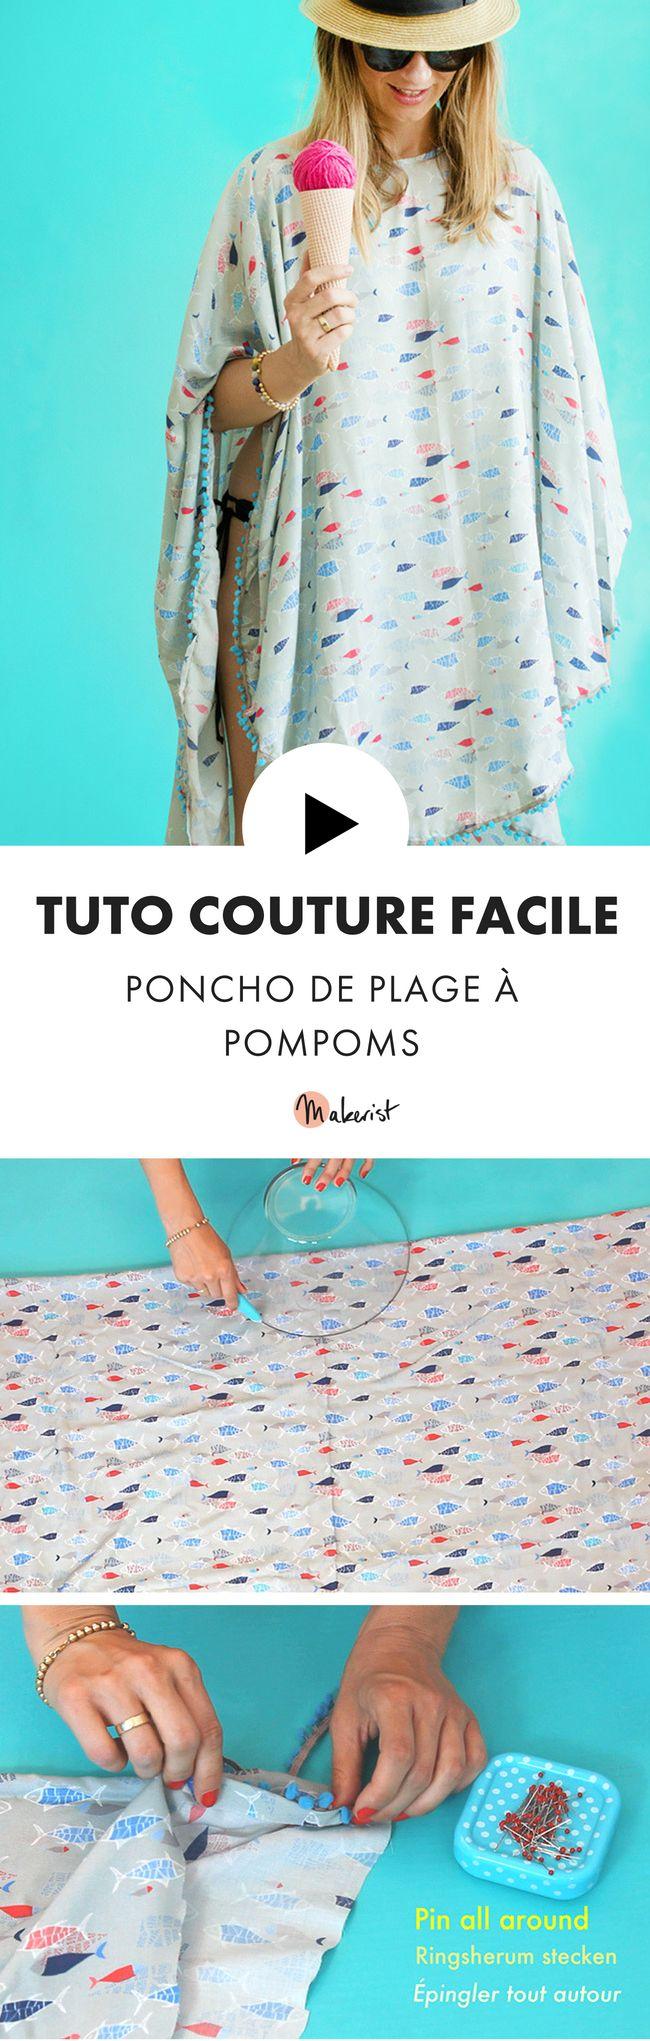 Découvrez ce tuto couture facile pour réaliser un superbe poncho de plage !